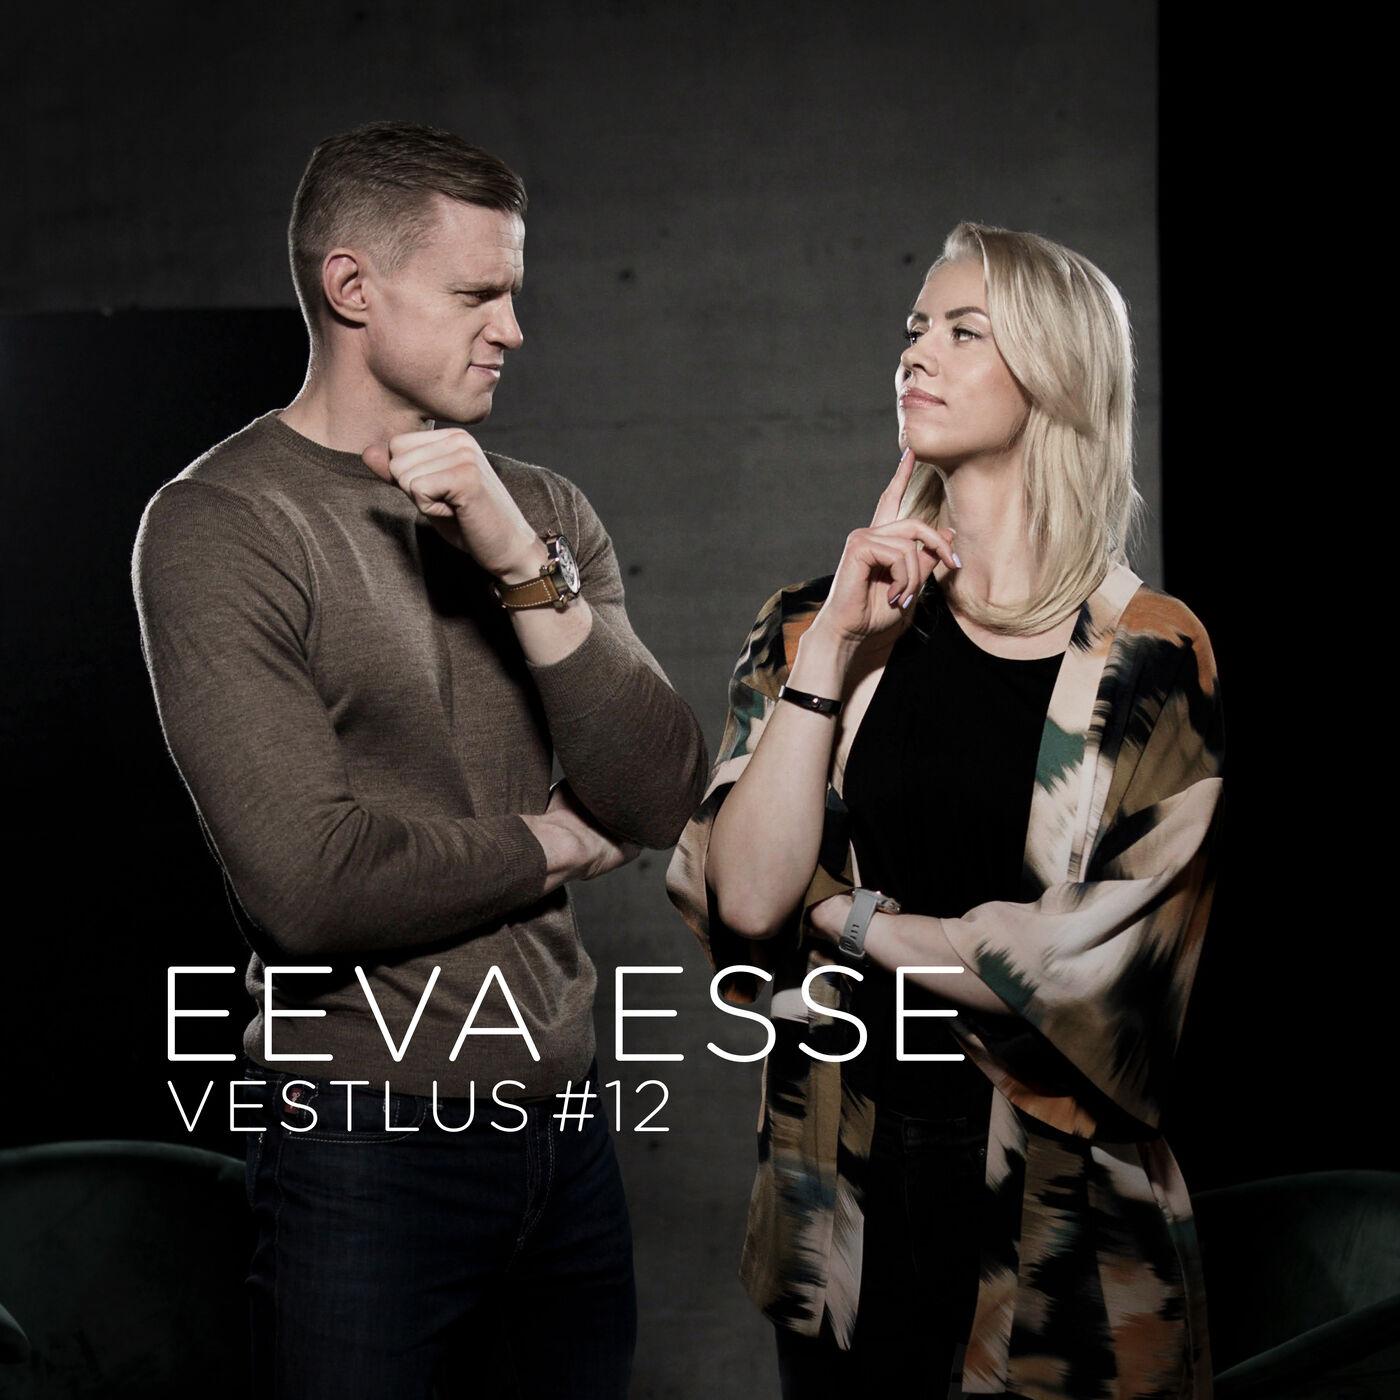 1STAGE VESTLUS #12 - Eeva Esse